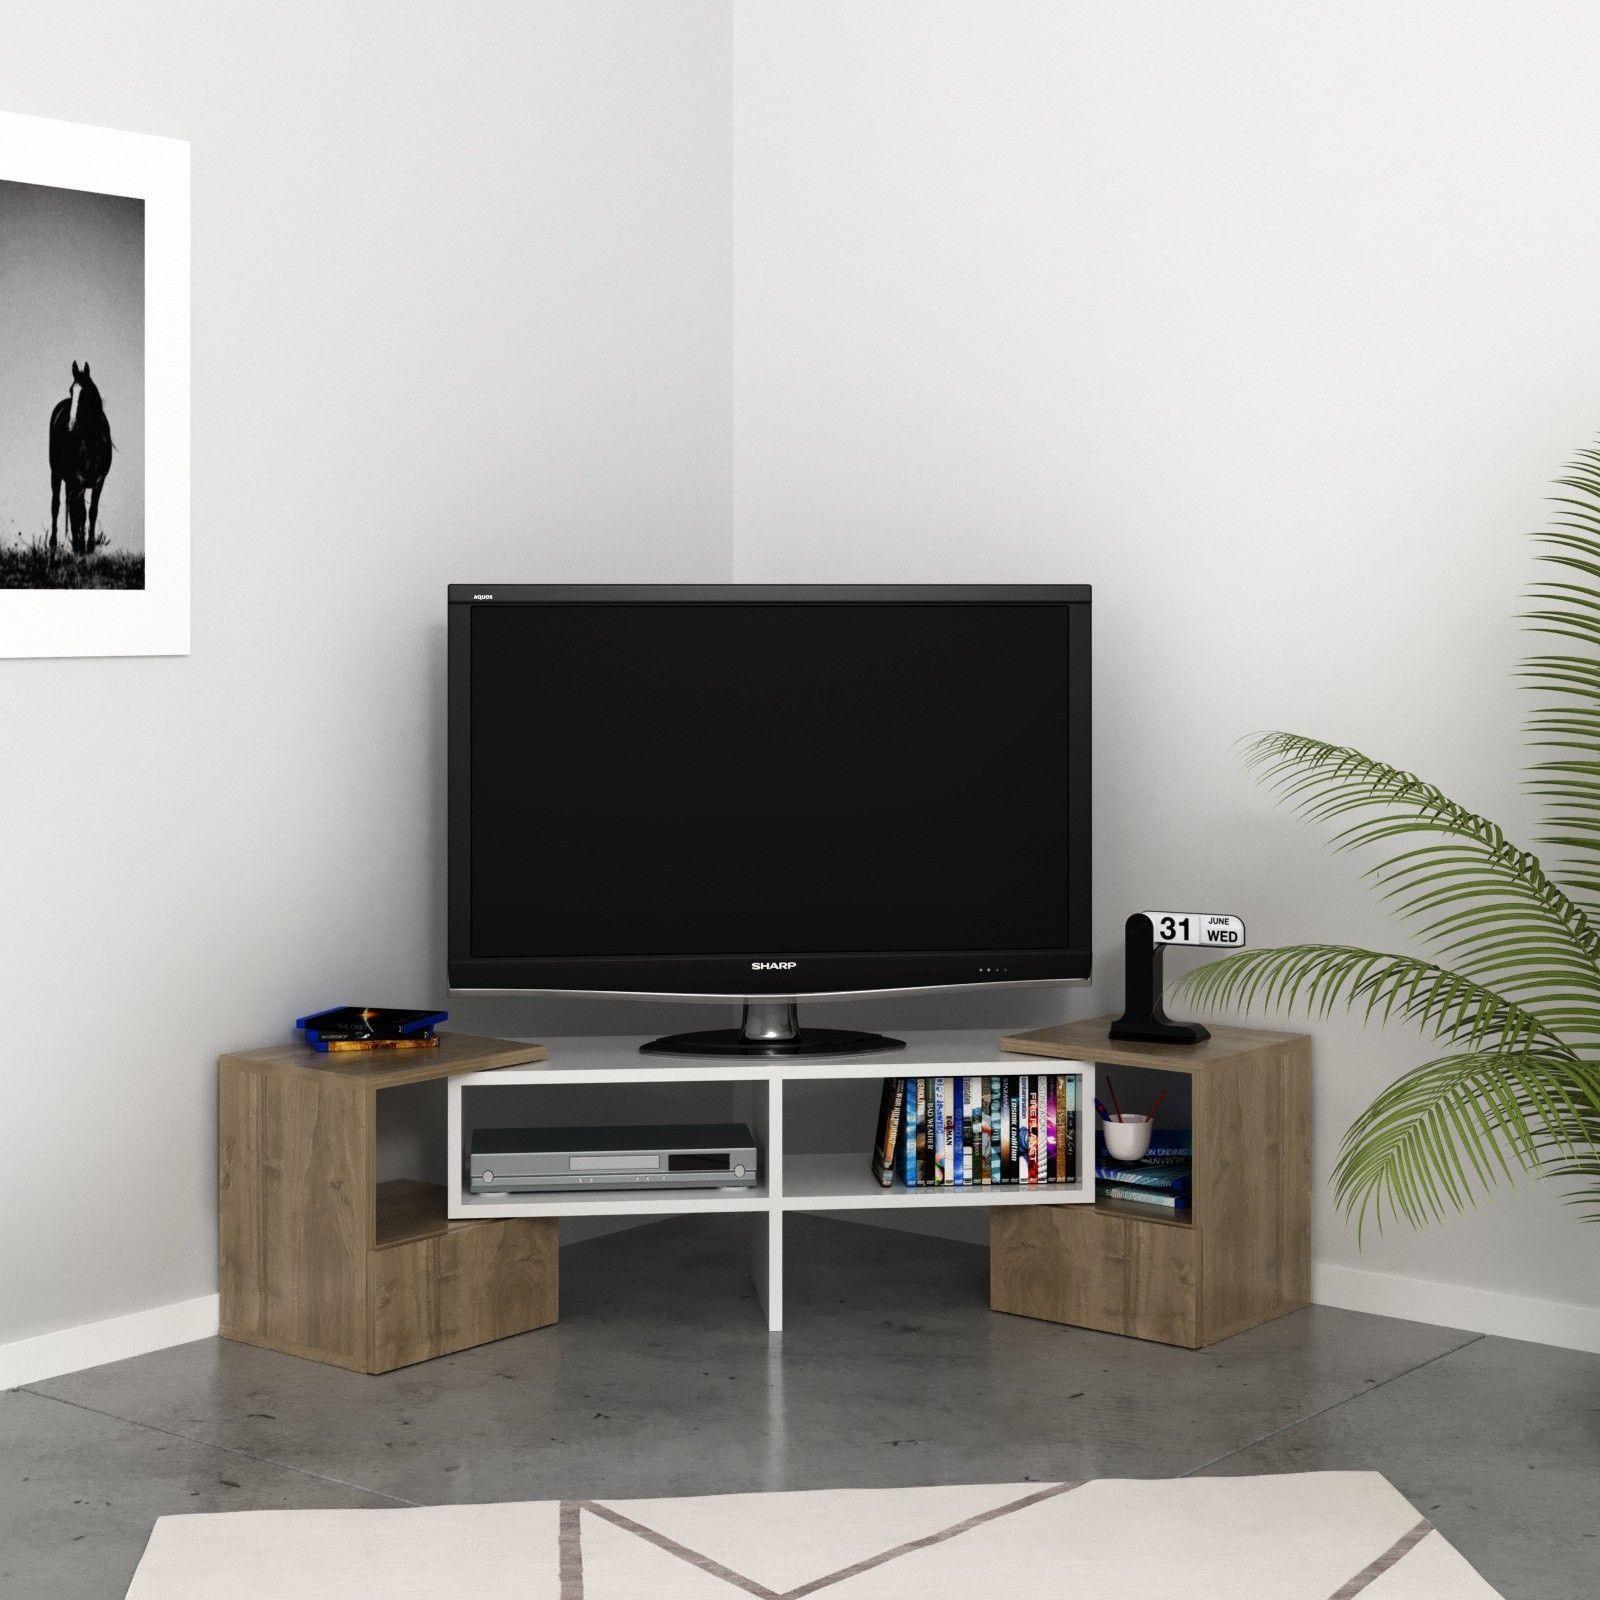 Mobili Porta Tv Ad Angolo Moderni.Mobile Tv Angolare Design Moderno Harrison Hai Un Angolo Di Parete